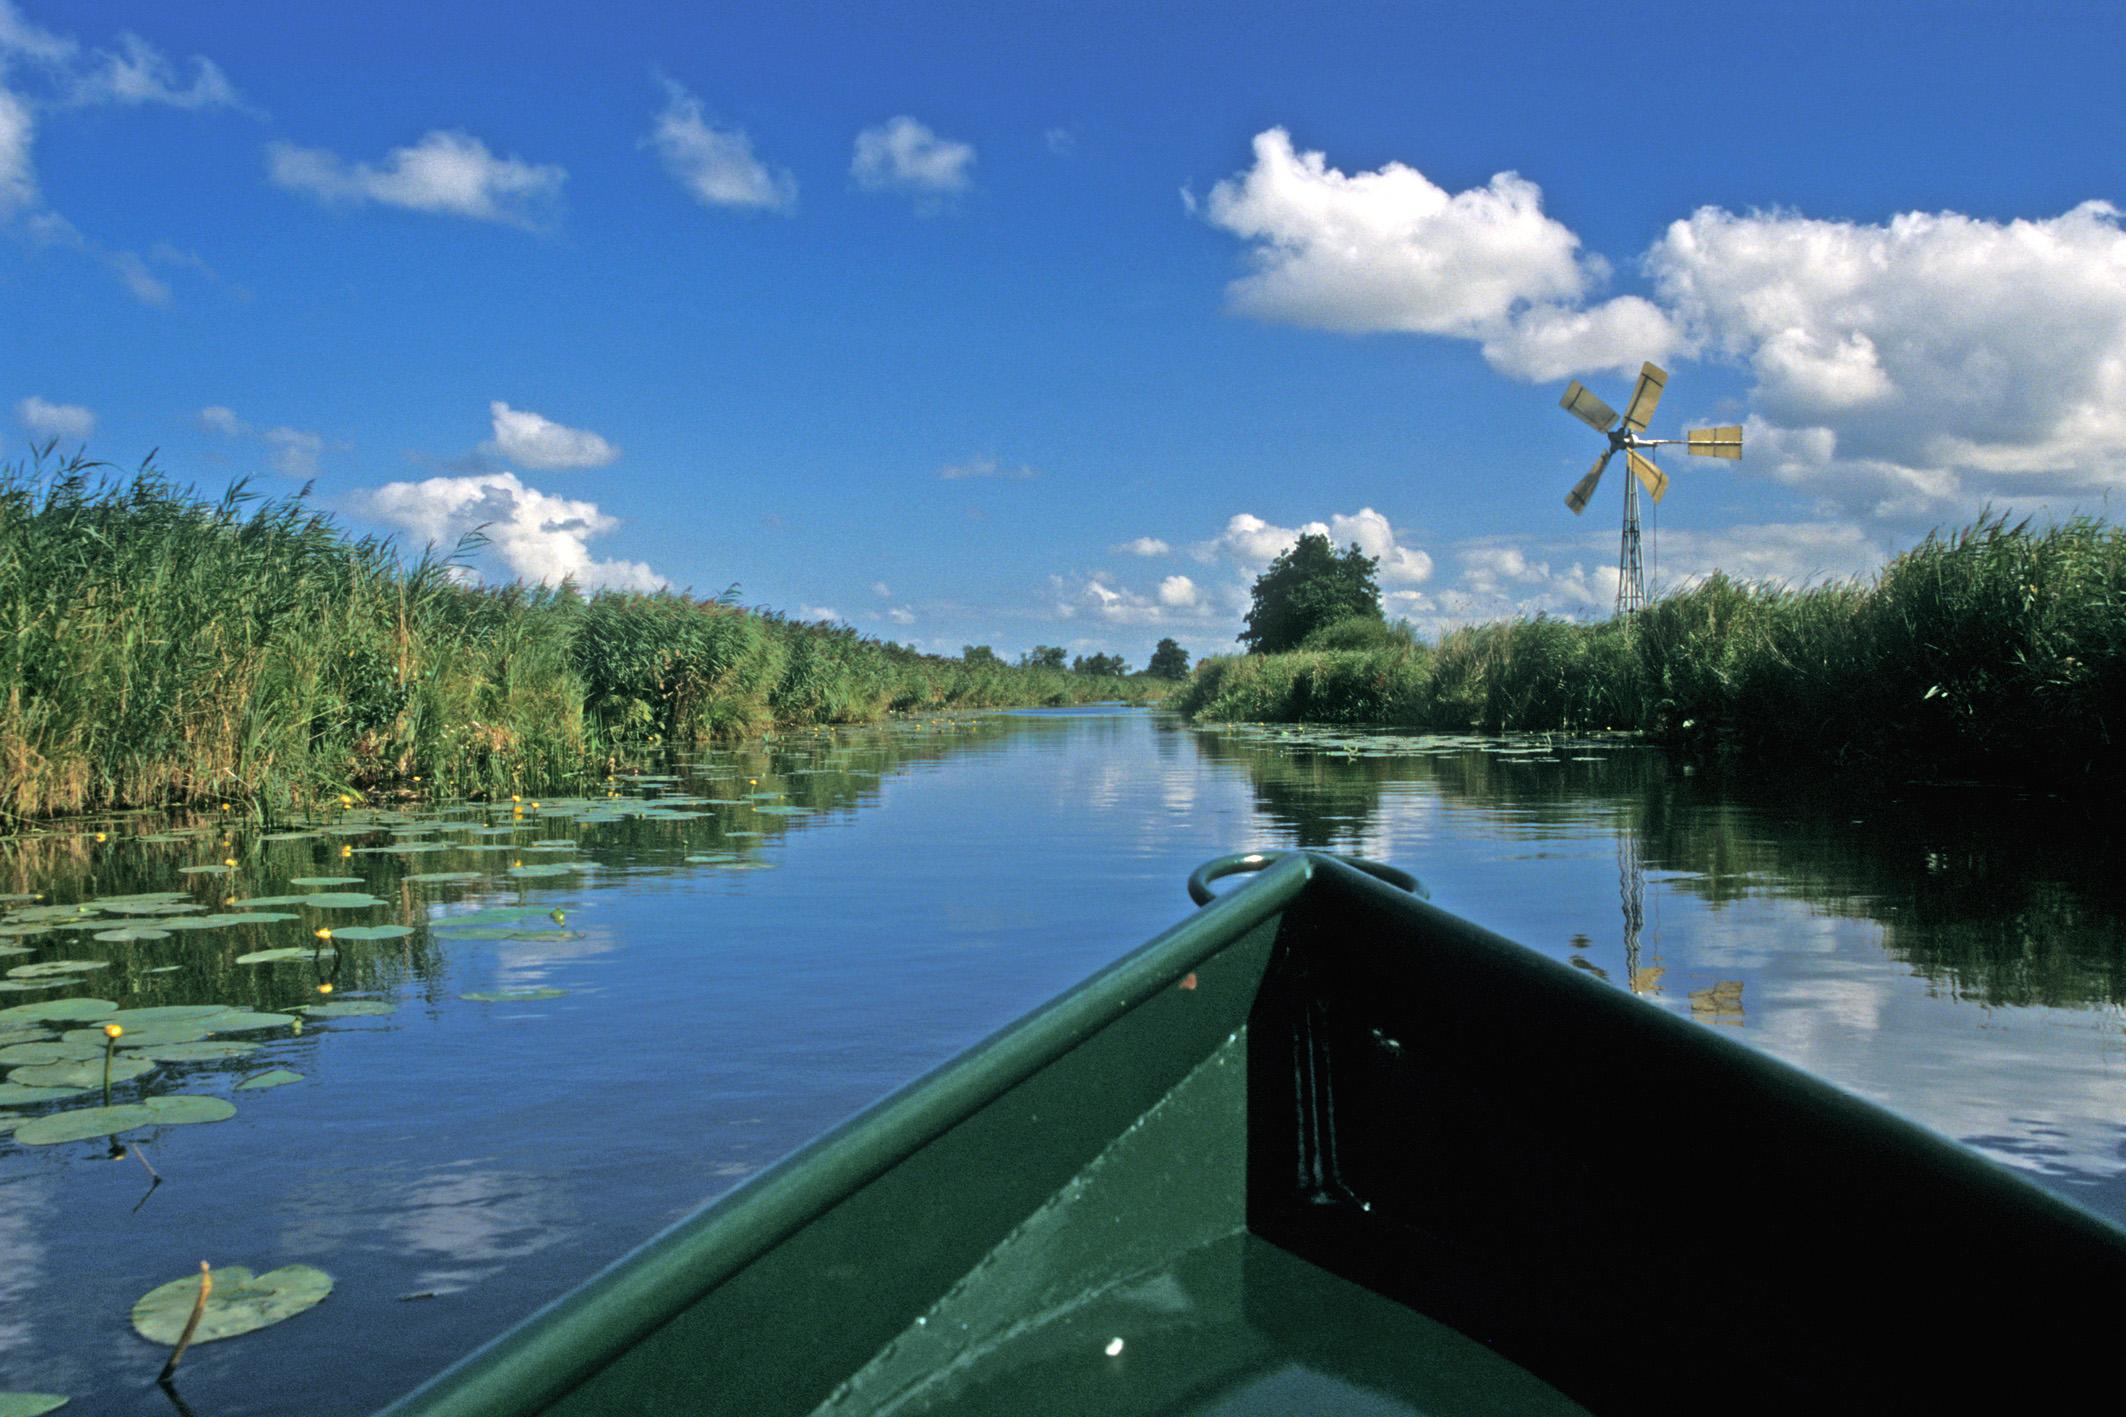 foto op water vanaf een fluisterboot genomen in Nederlands gebied met riet en waterlelies en blauwe lucht met wolkjes